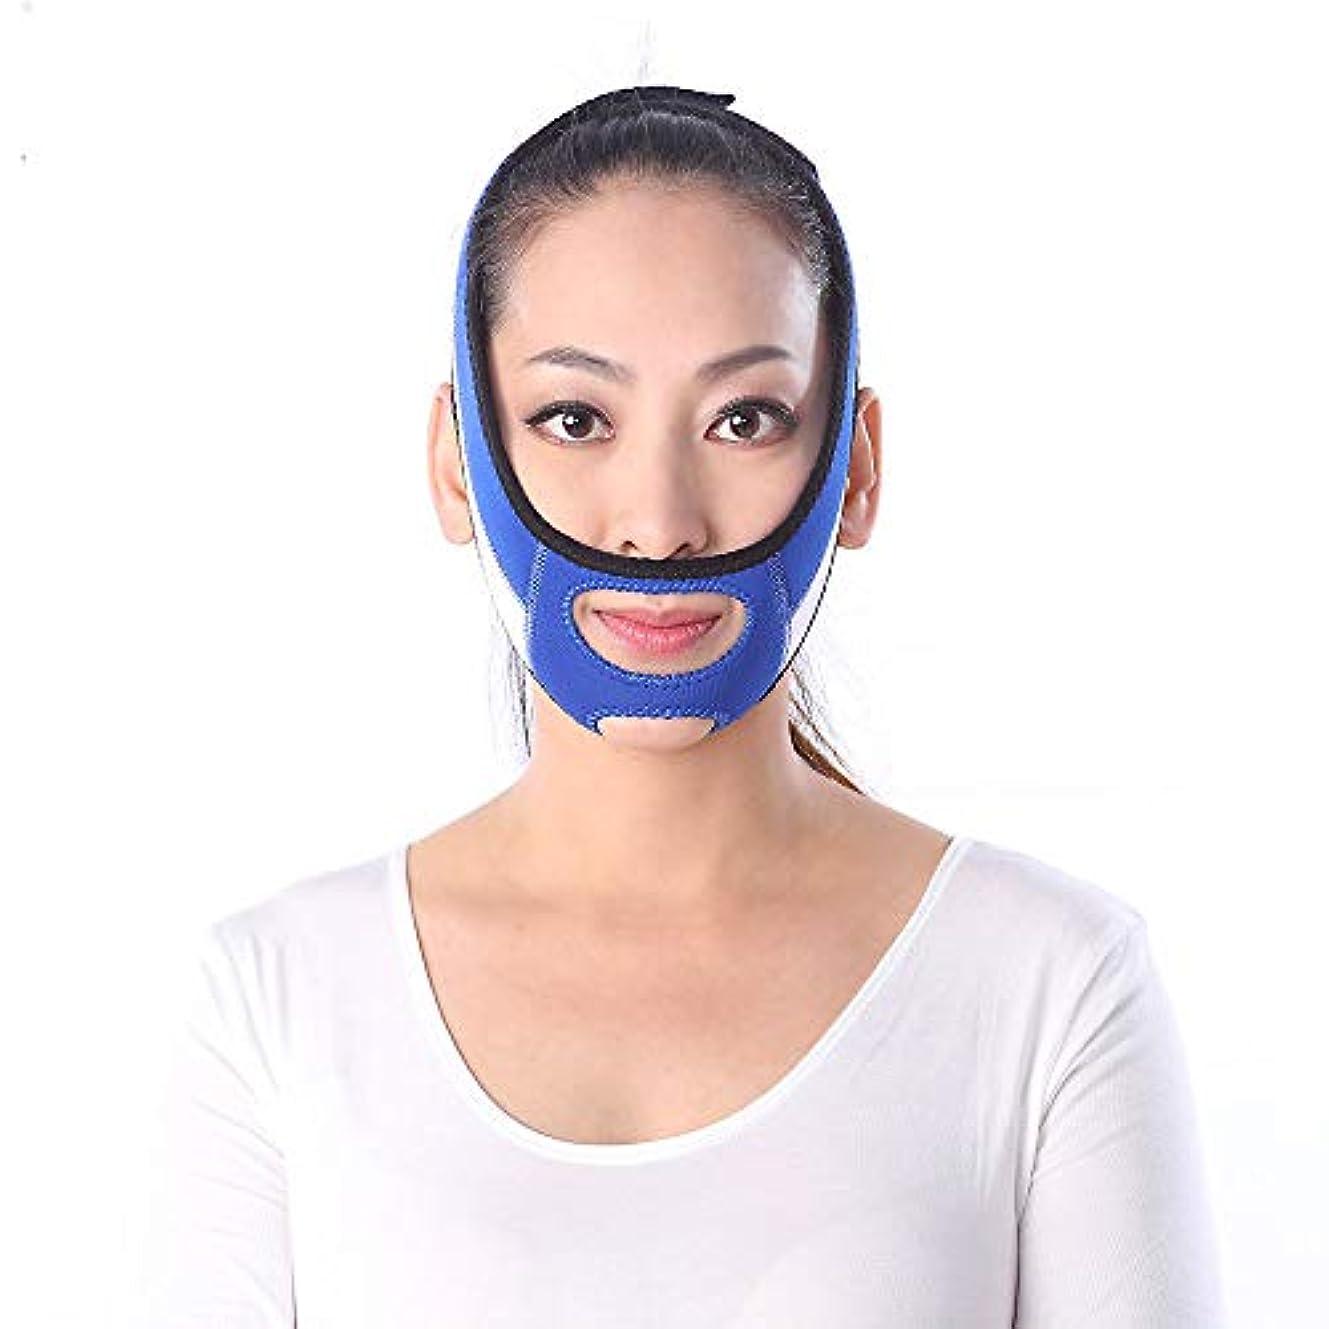 想定センチメンタルぴったりフェイスリフティング包帯、リフティングダブルあご顔補正ツール/フェイスマスク/スモールVフェイスアーチファクト(青)